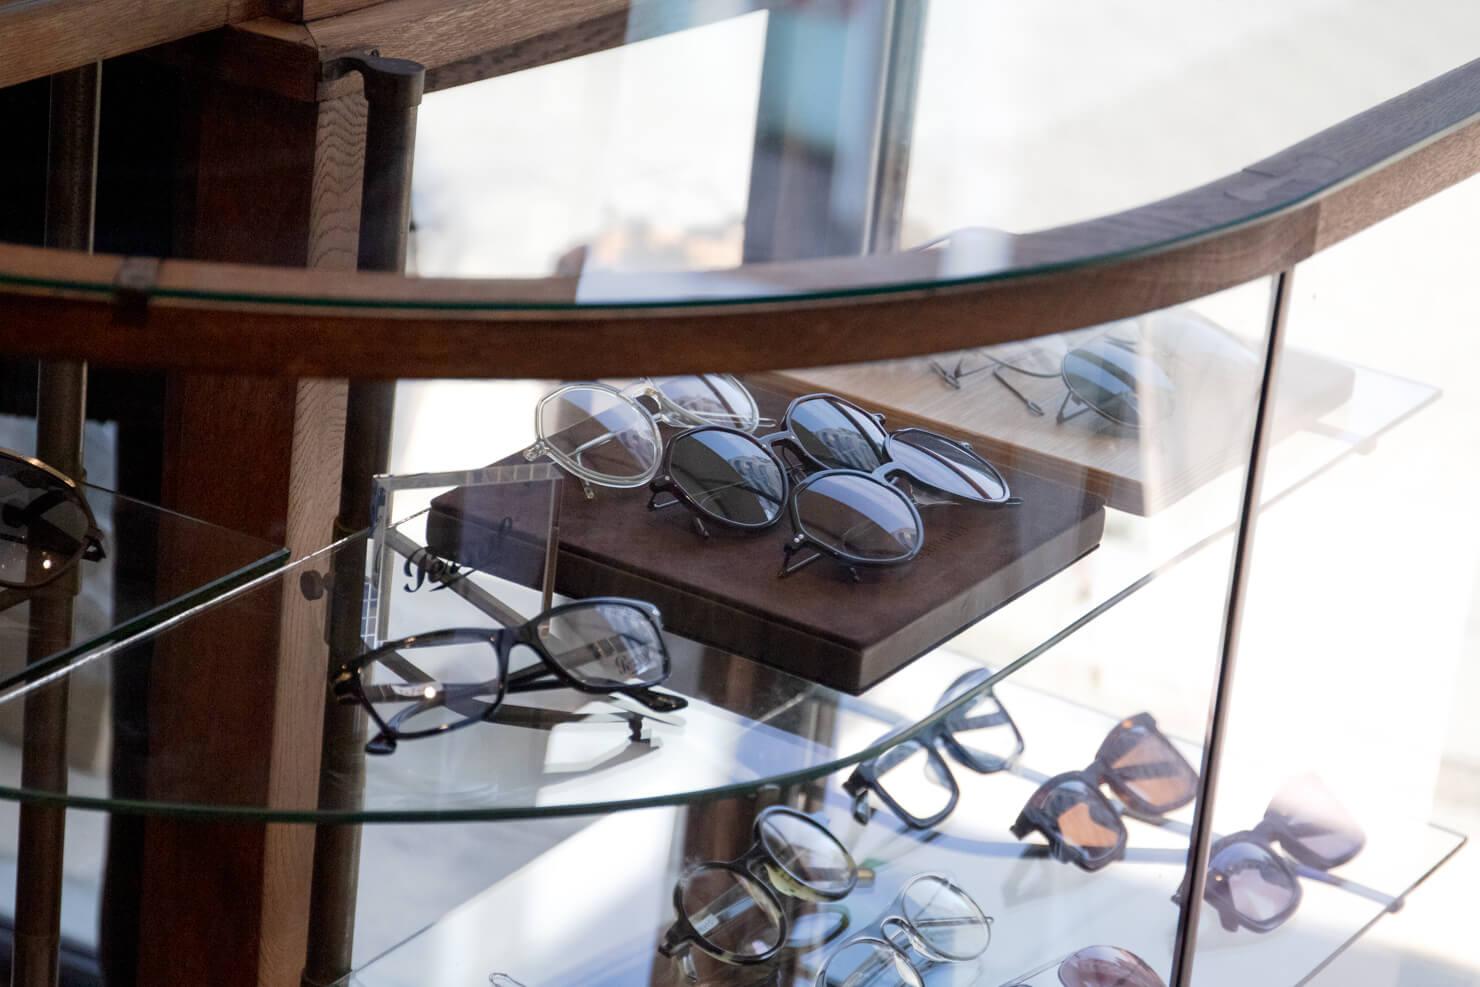 ショーケースの中のメガネの写真